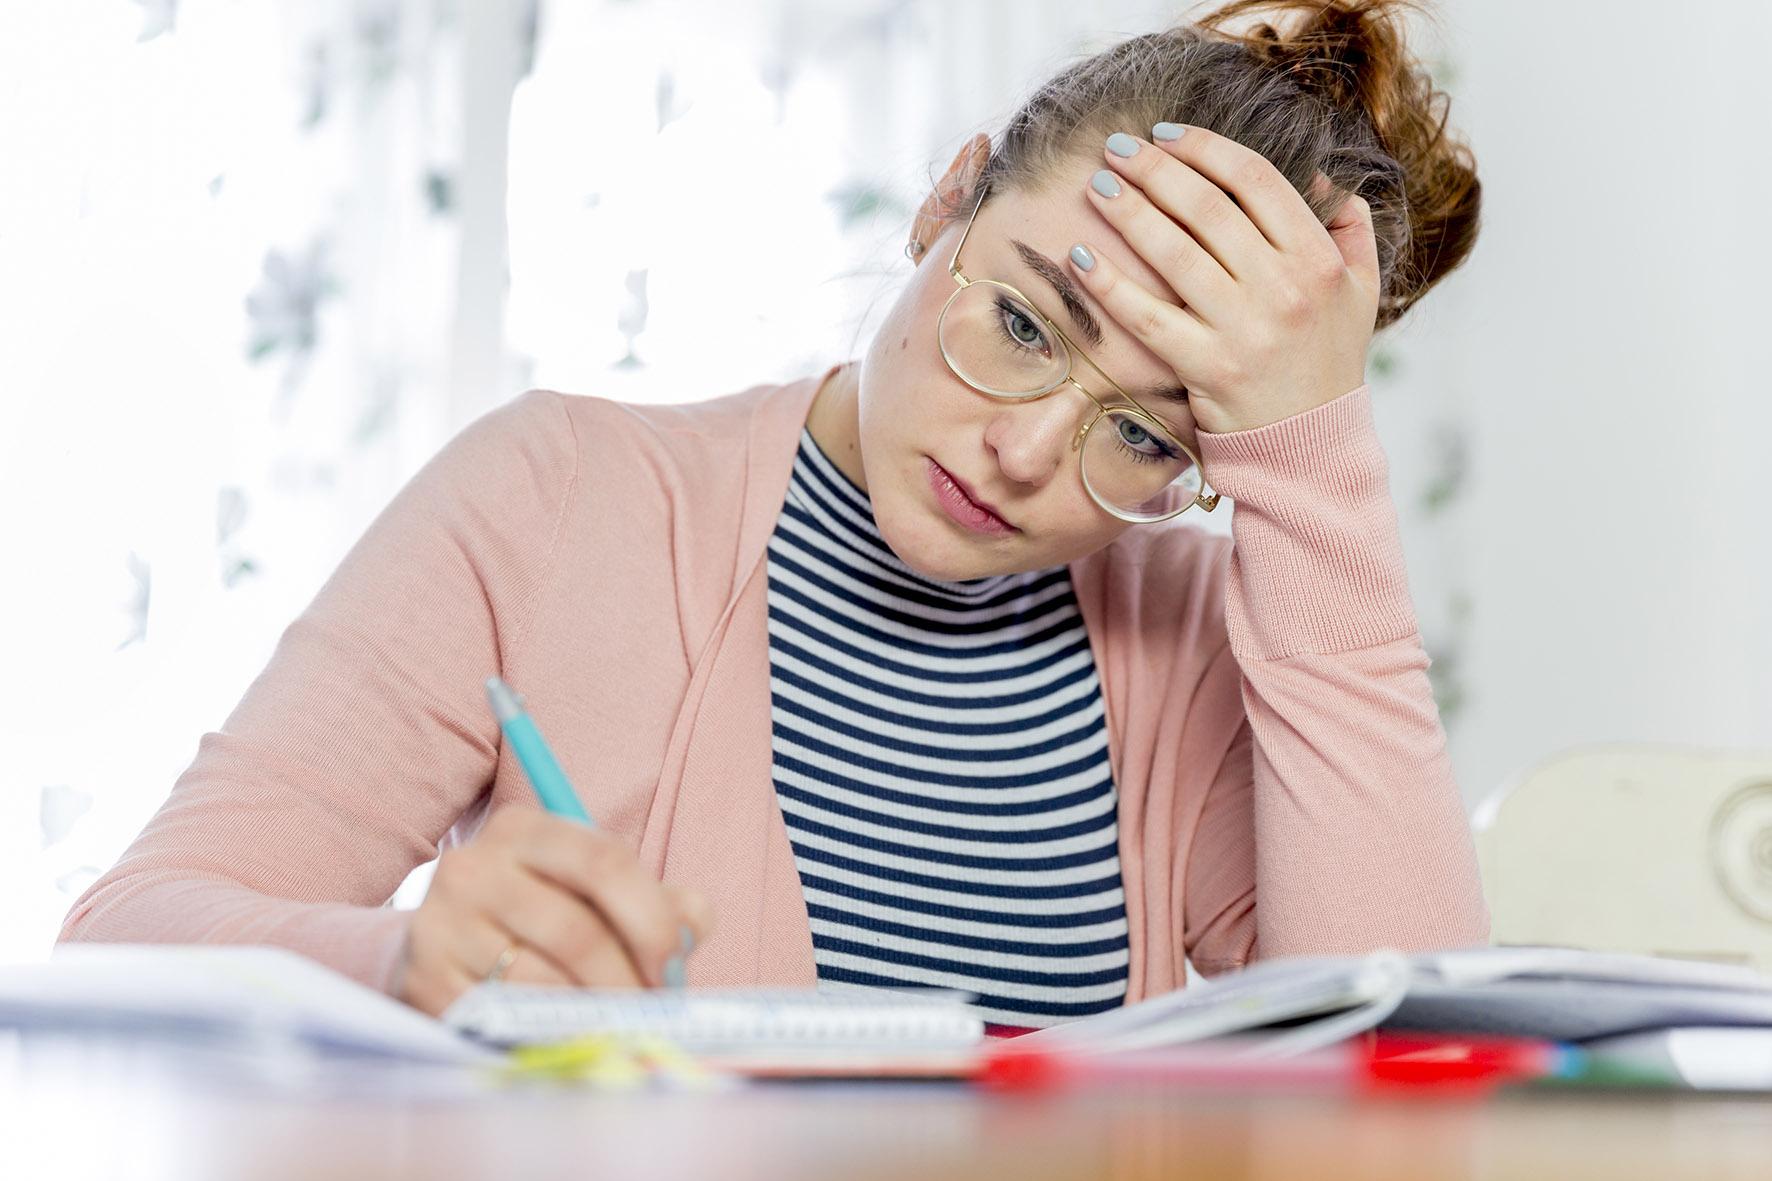 Op deze foto is een studente aan het studeren.